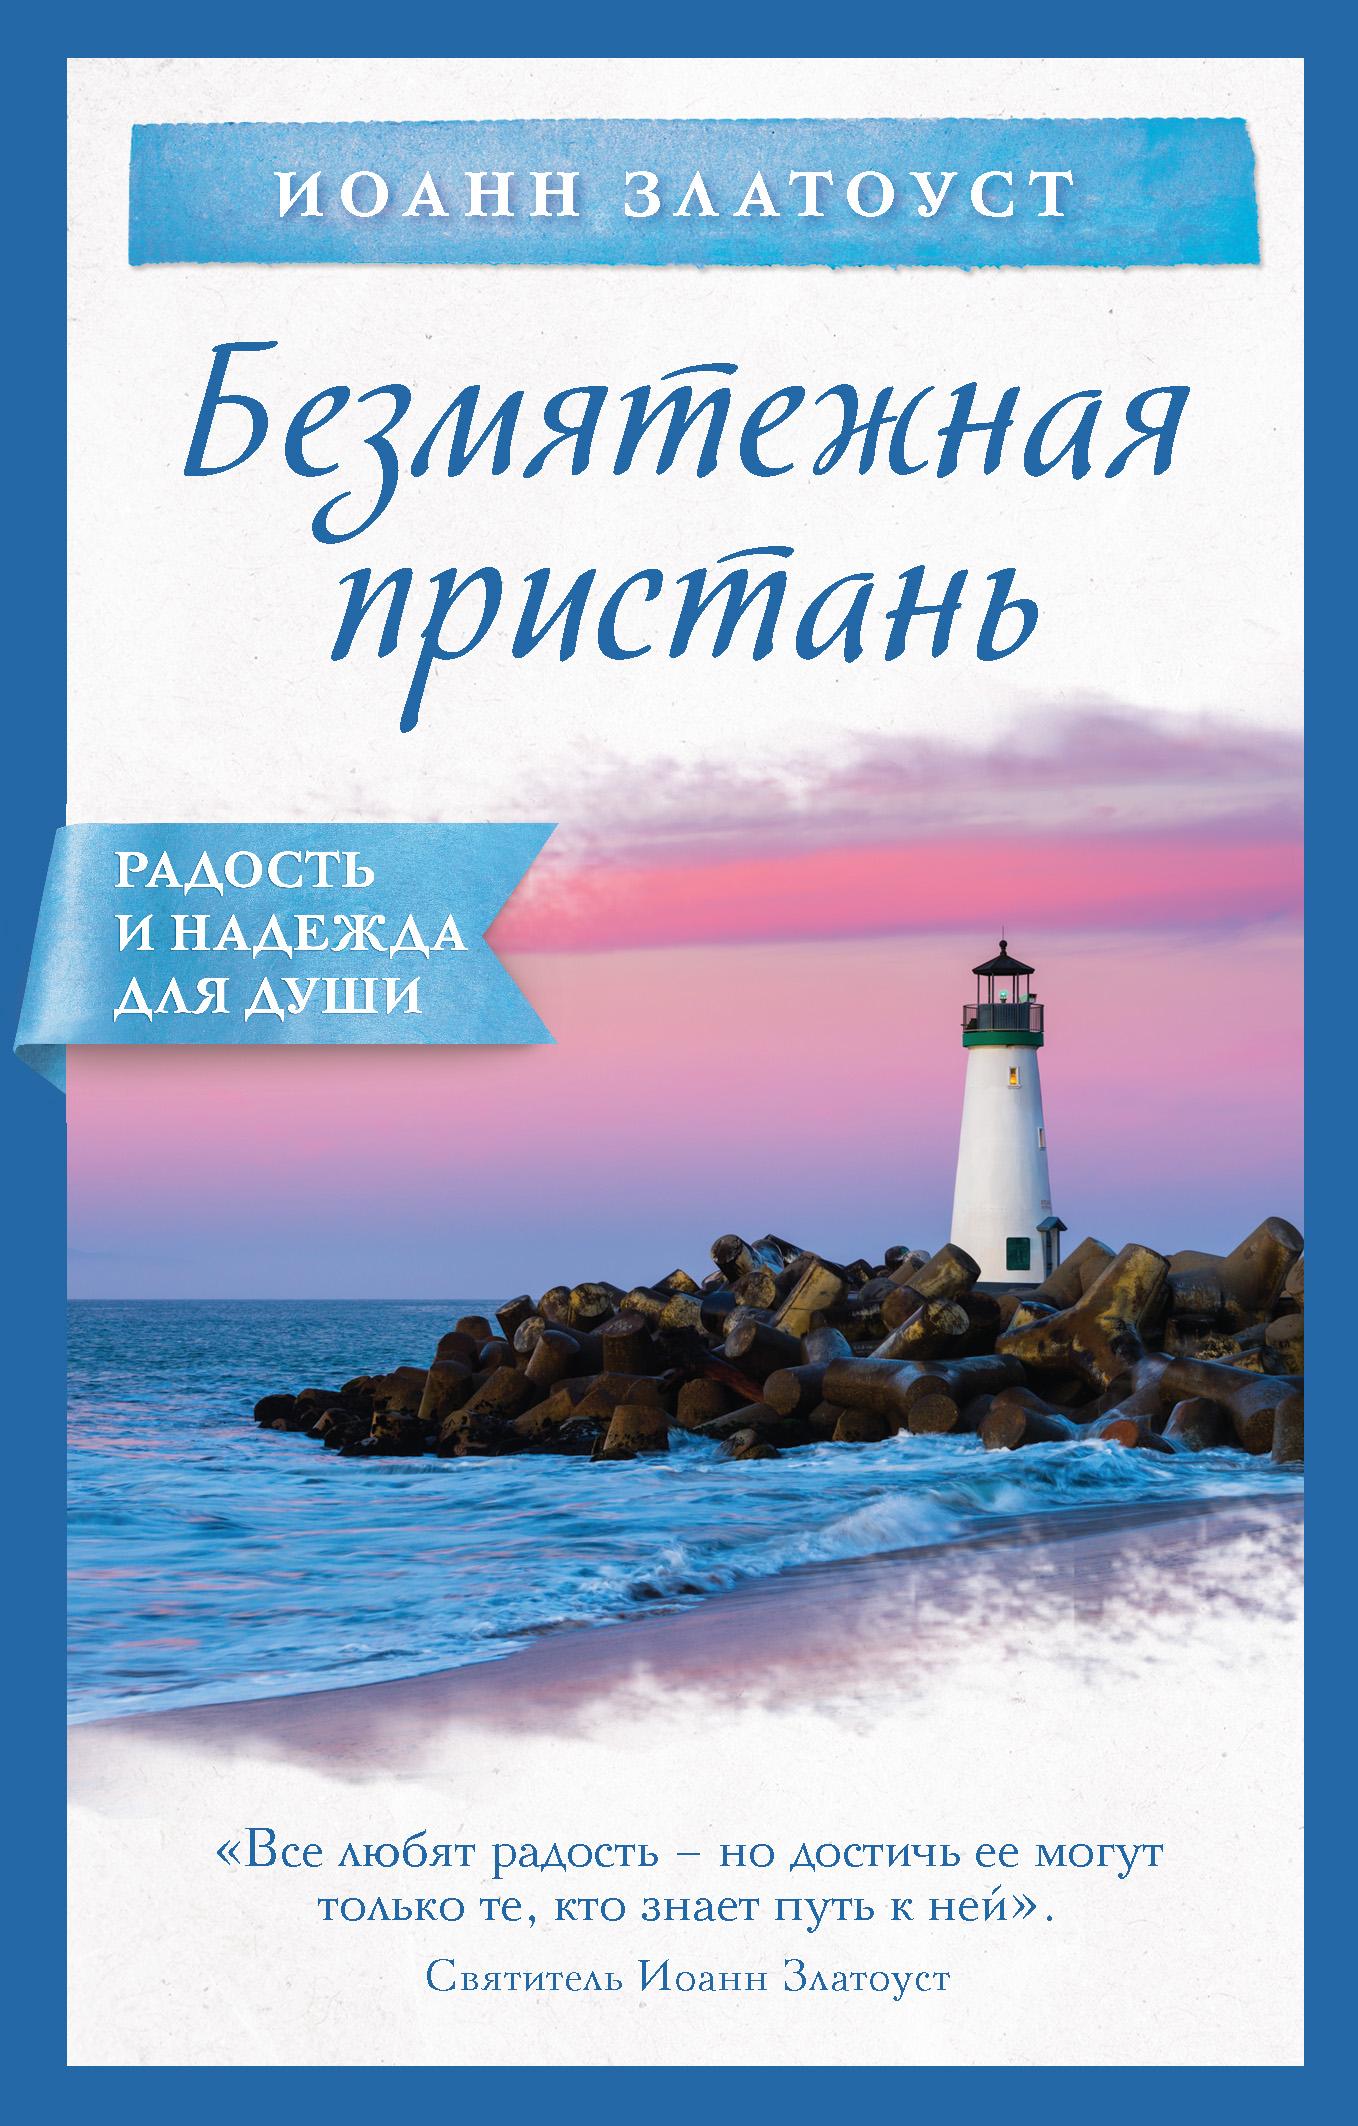 Купить книгу Безмятежная пристань, автора Святителя Иоанна Златоуста